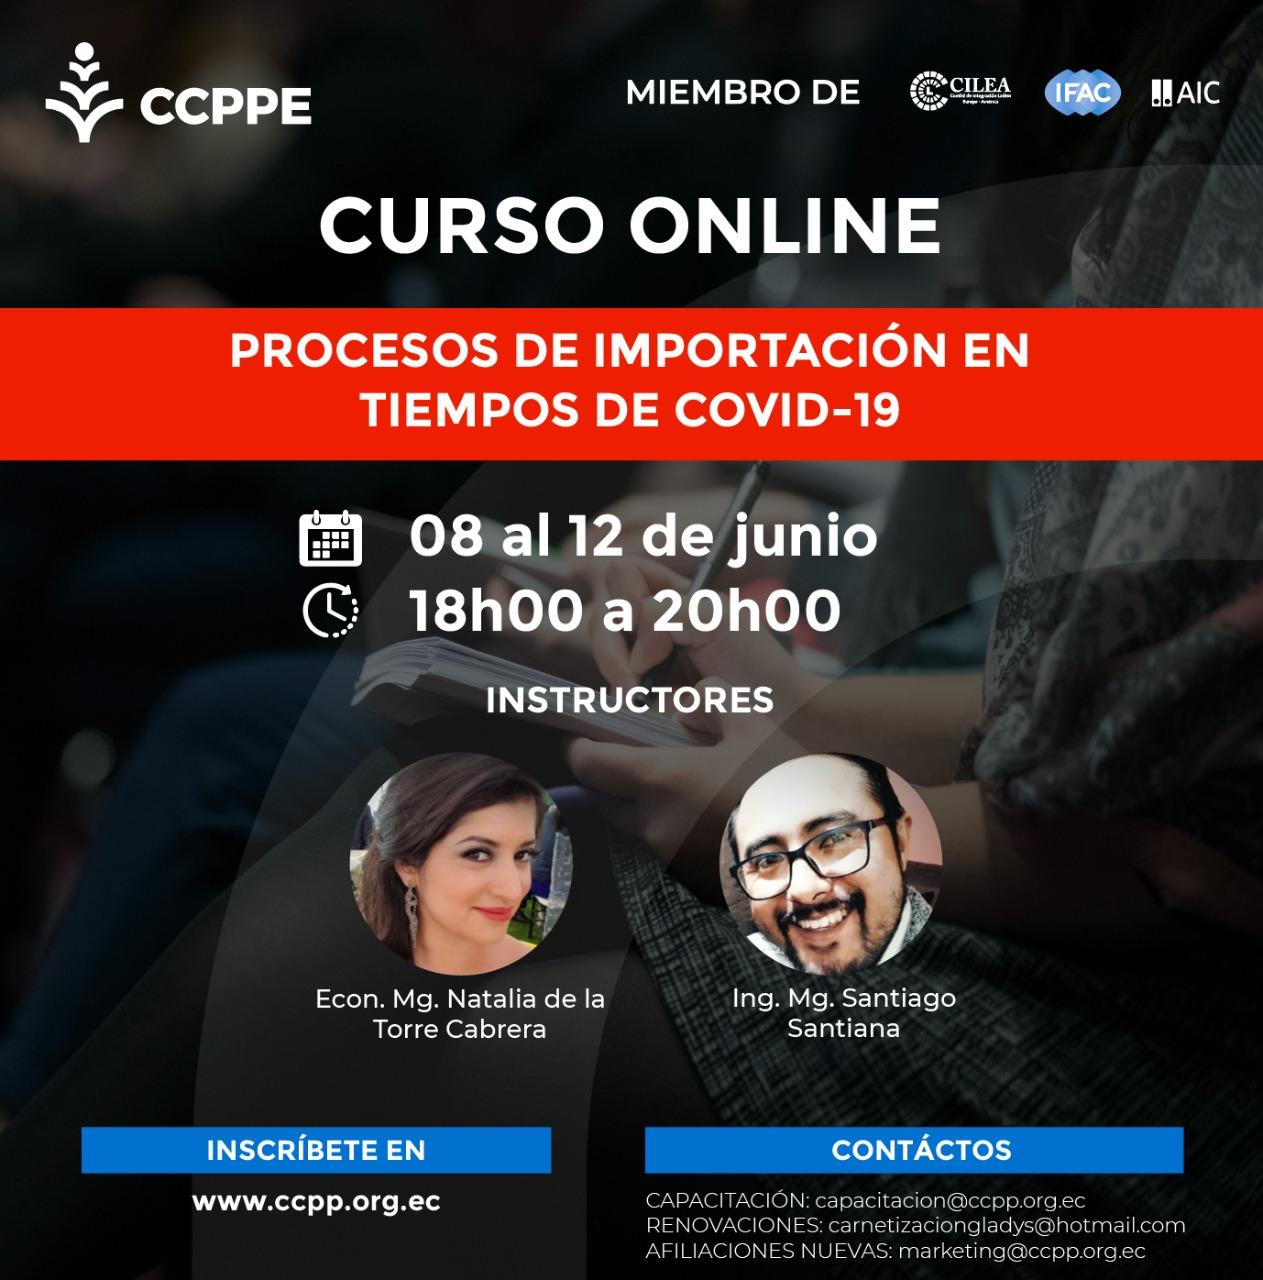 PROCESOS DE IMPORTACIÓN EN TIEMPOS DE COVID-19 - 08 AL 12 JUNIO 2020